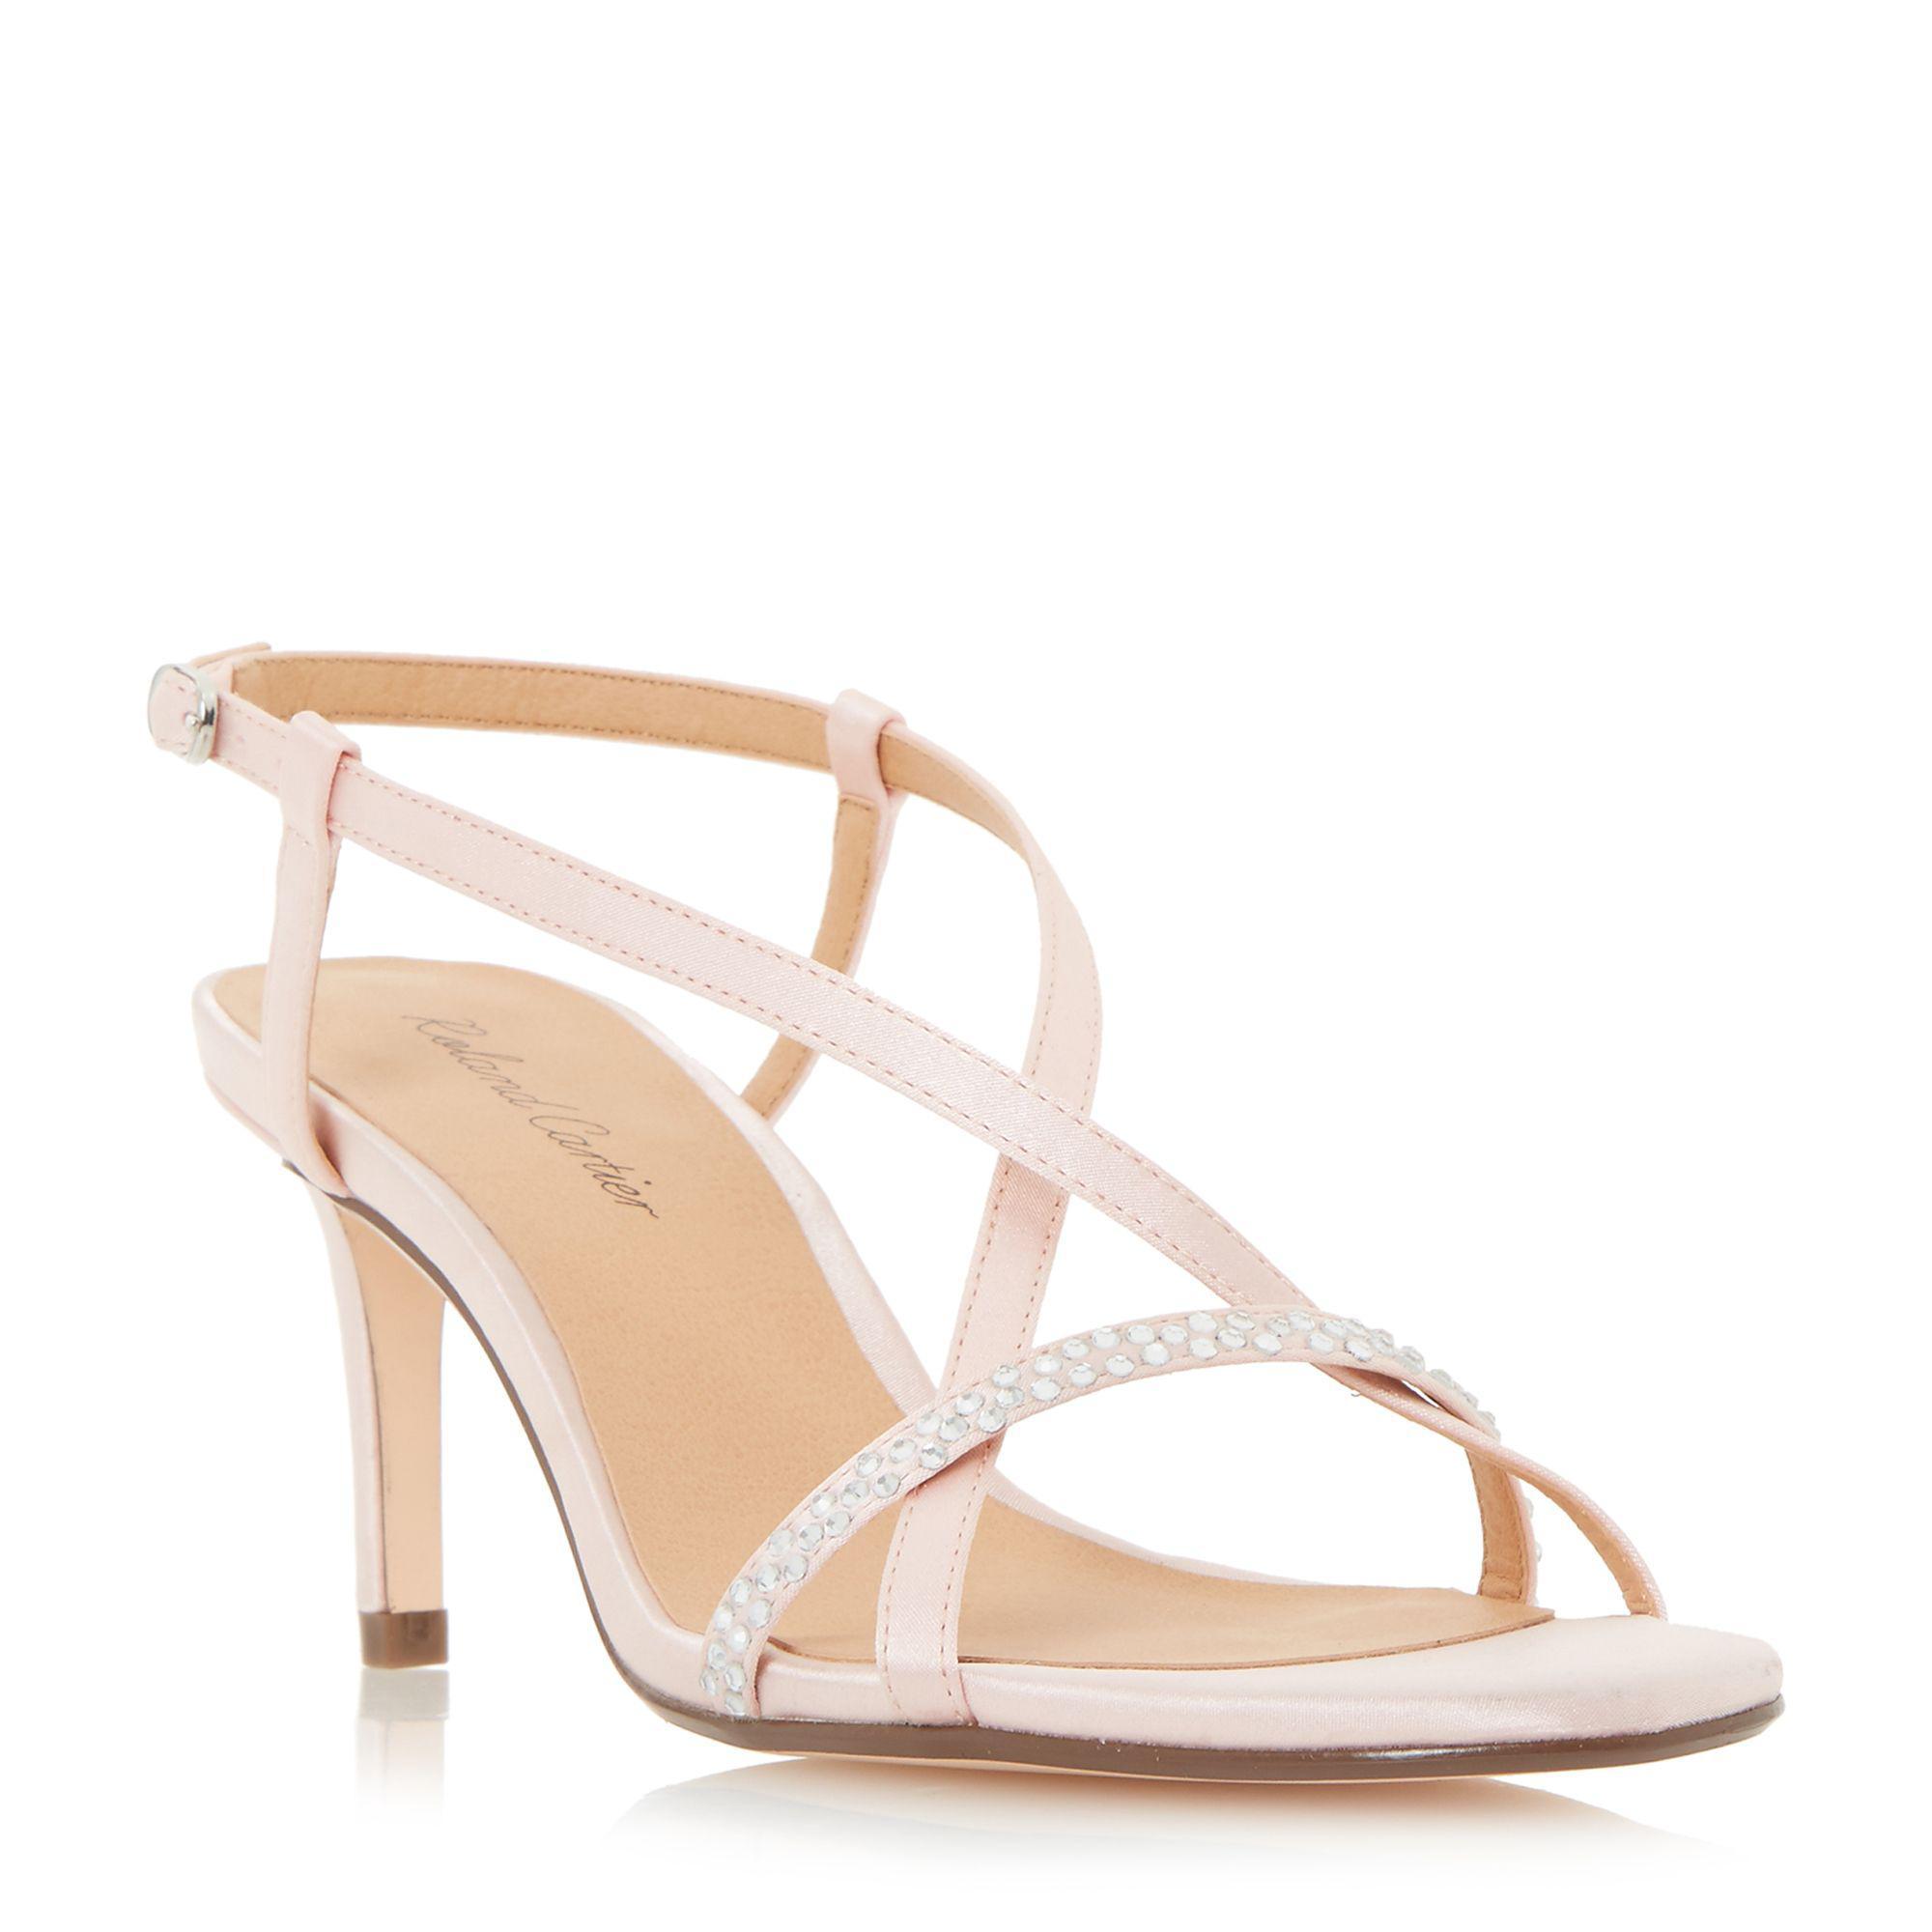 76c85630c83 Roland Cartier Pink  merryn  Diamante Strappy Mid Heel Sandals in ...